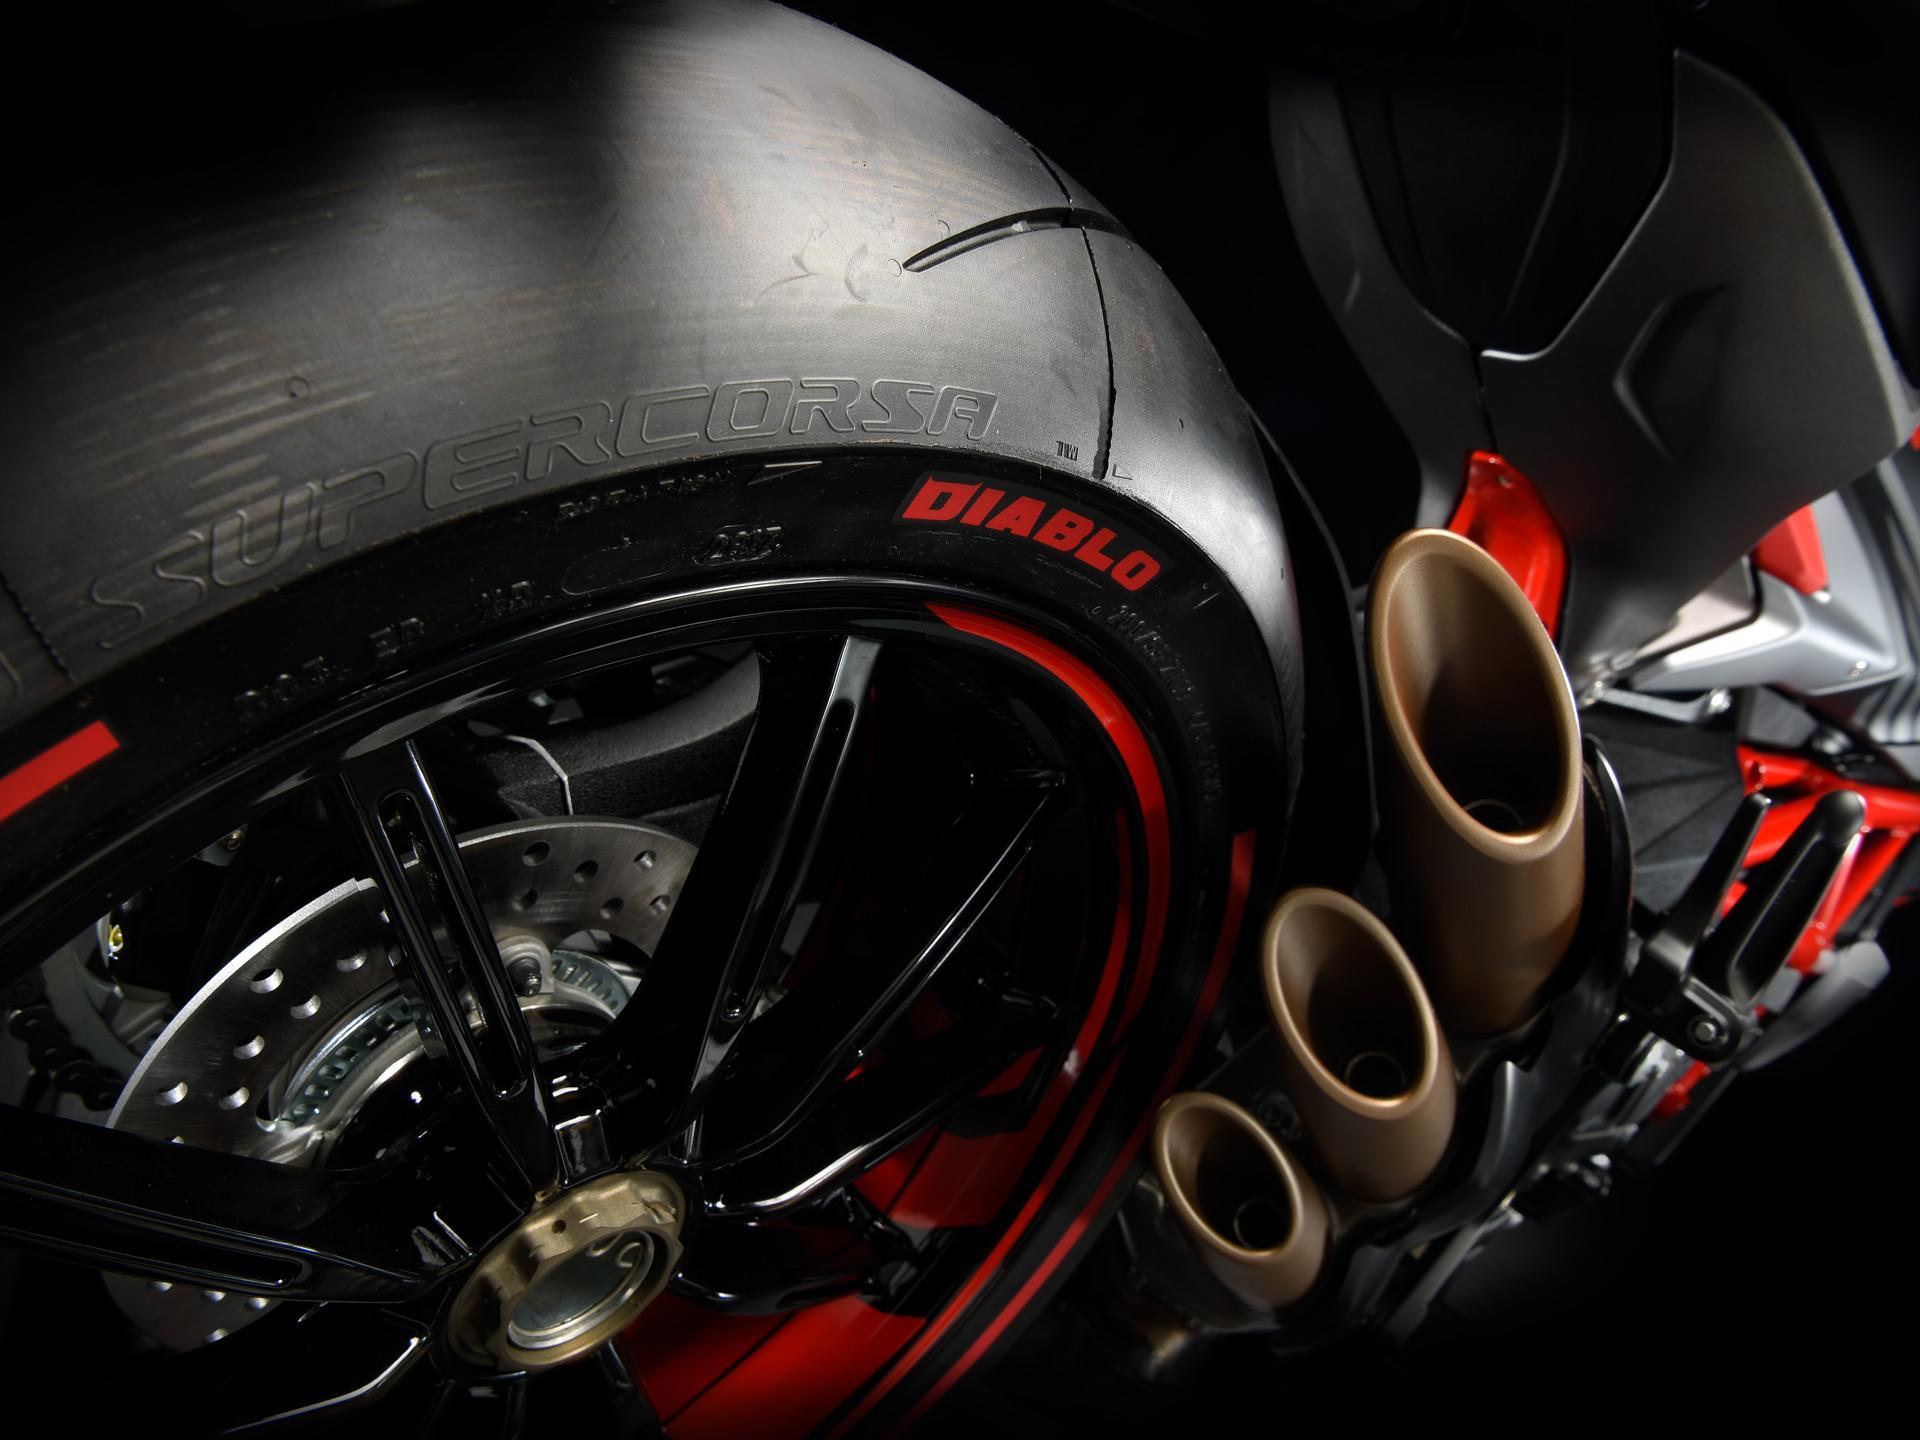 Brutale 800 Pirelli Reifen